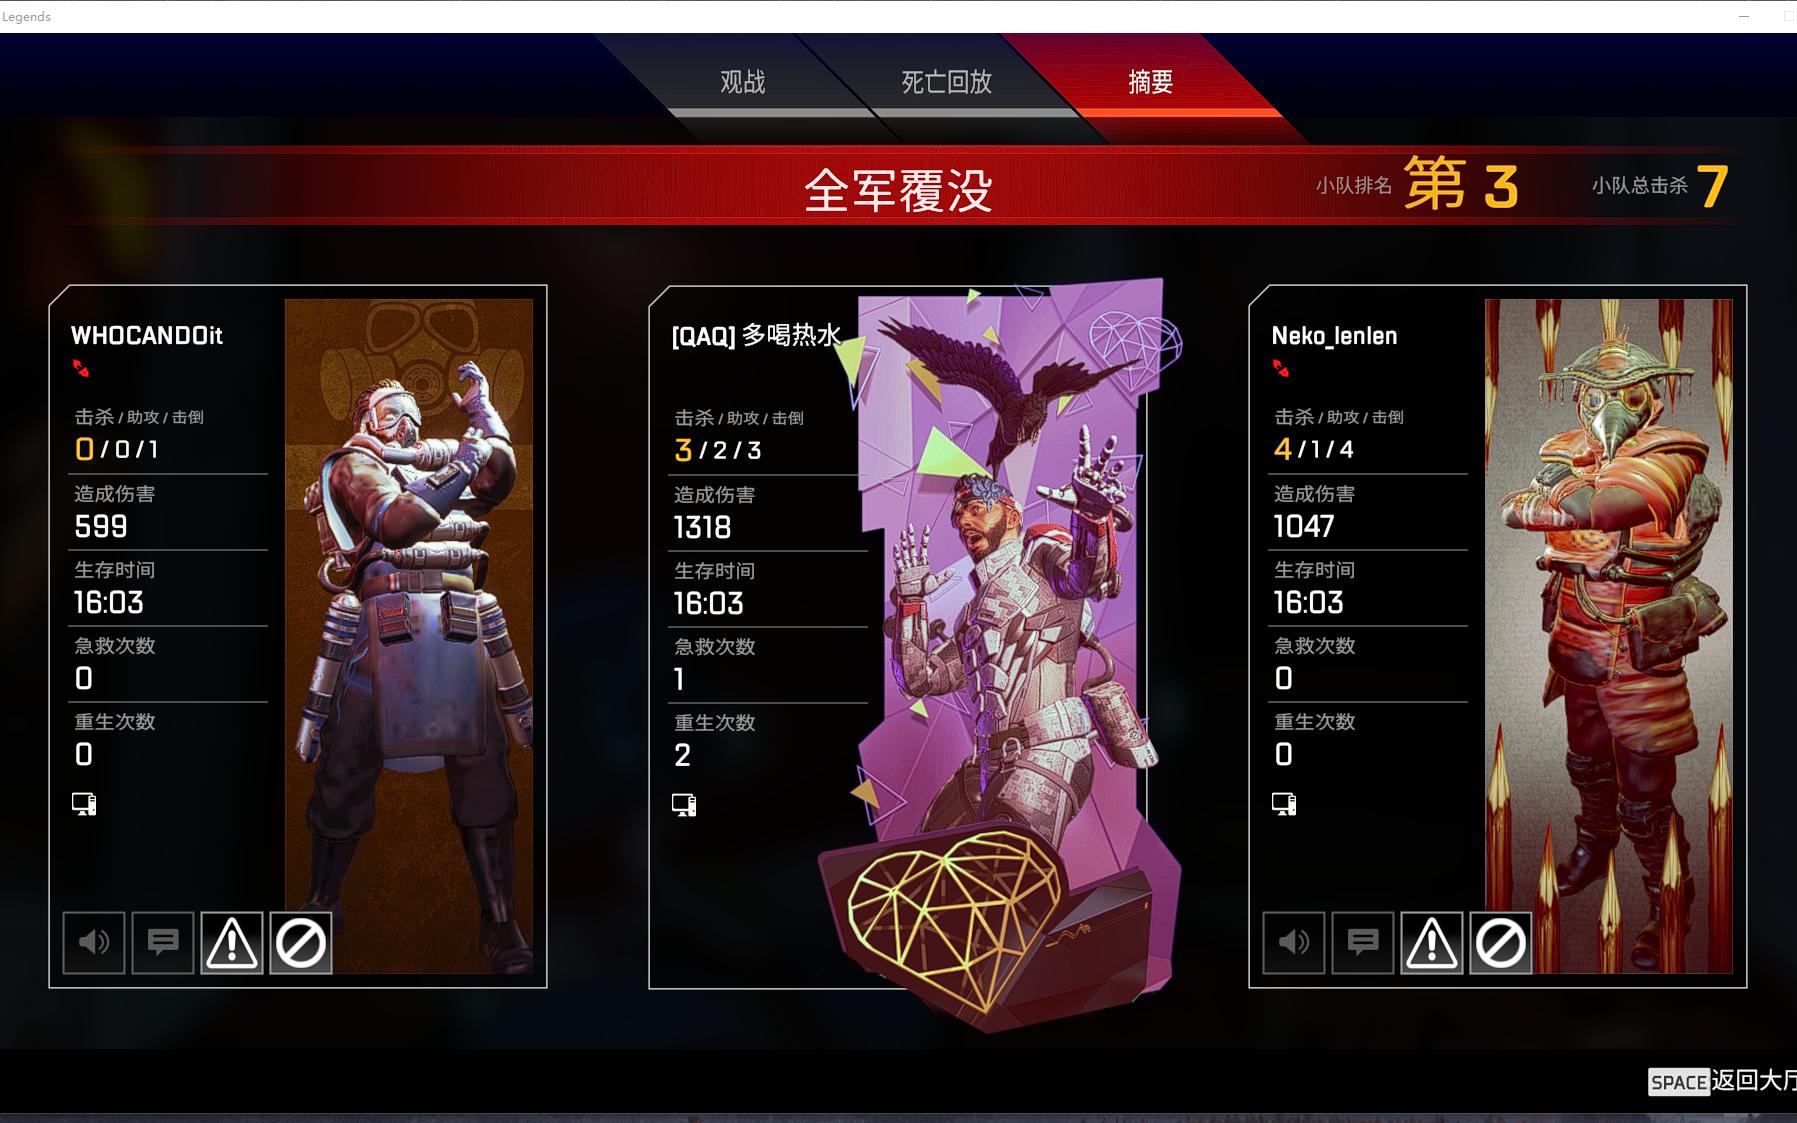 【apex】目前最高输出5月28